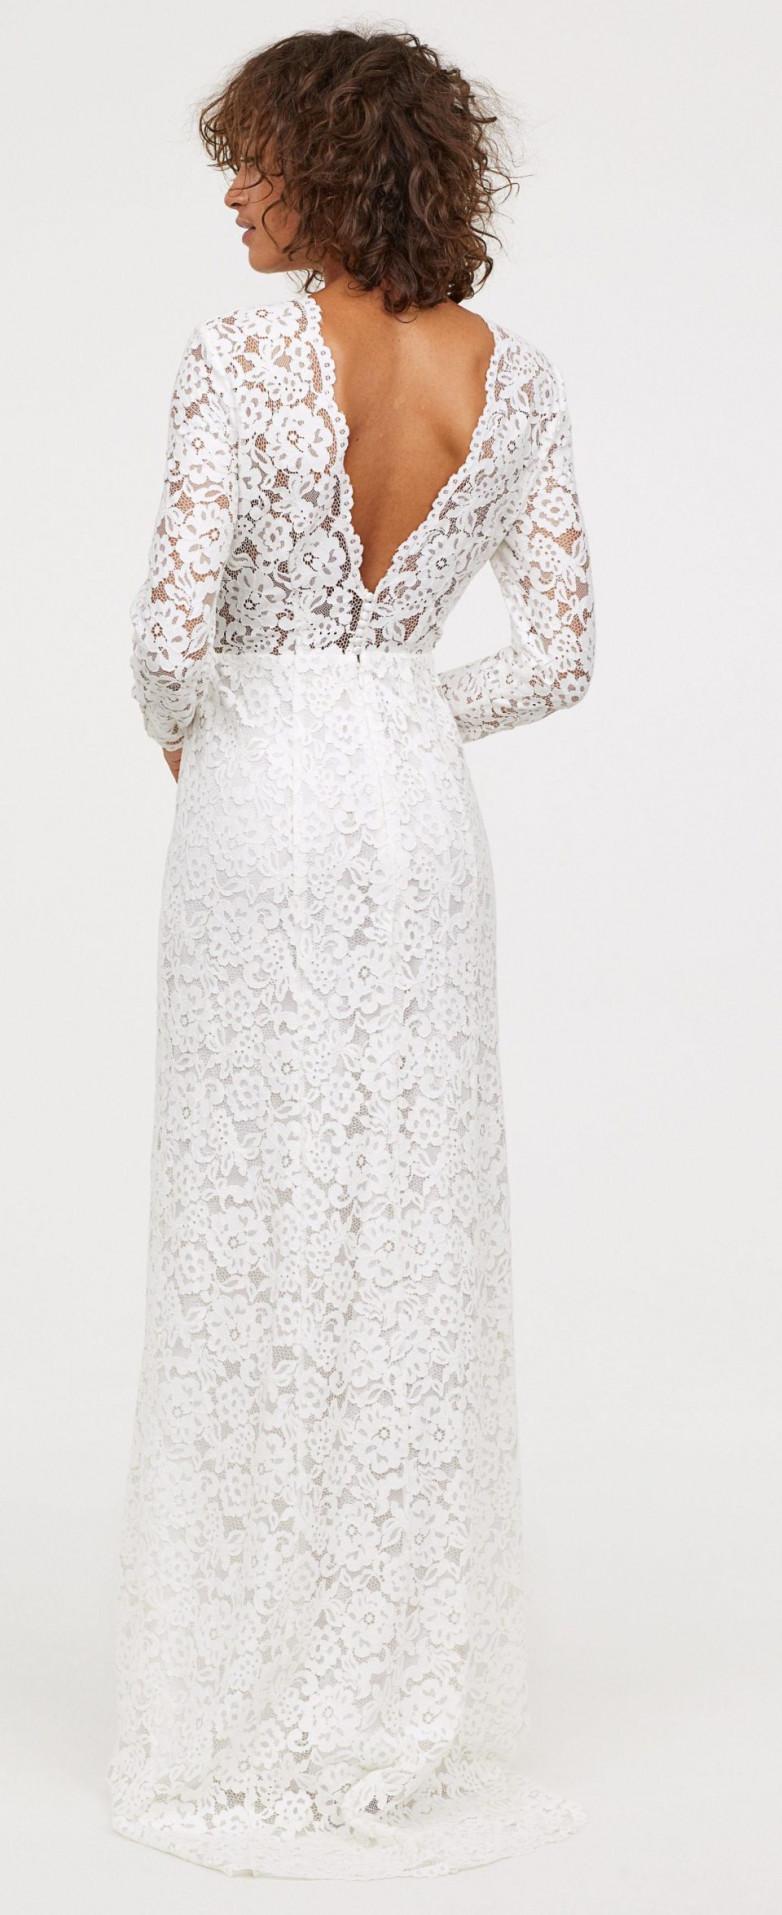 Váy cưới giá chỉ từ 1 triệu đồng cho cô dâu ngân sách eo hẹp Ảnh 7